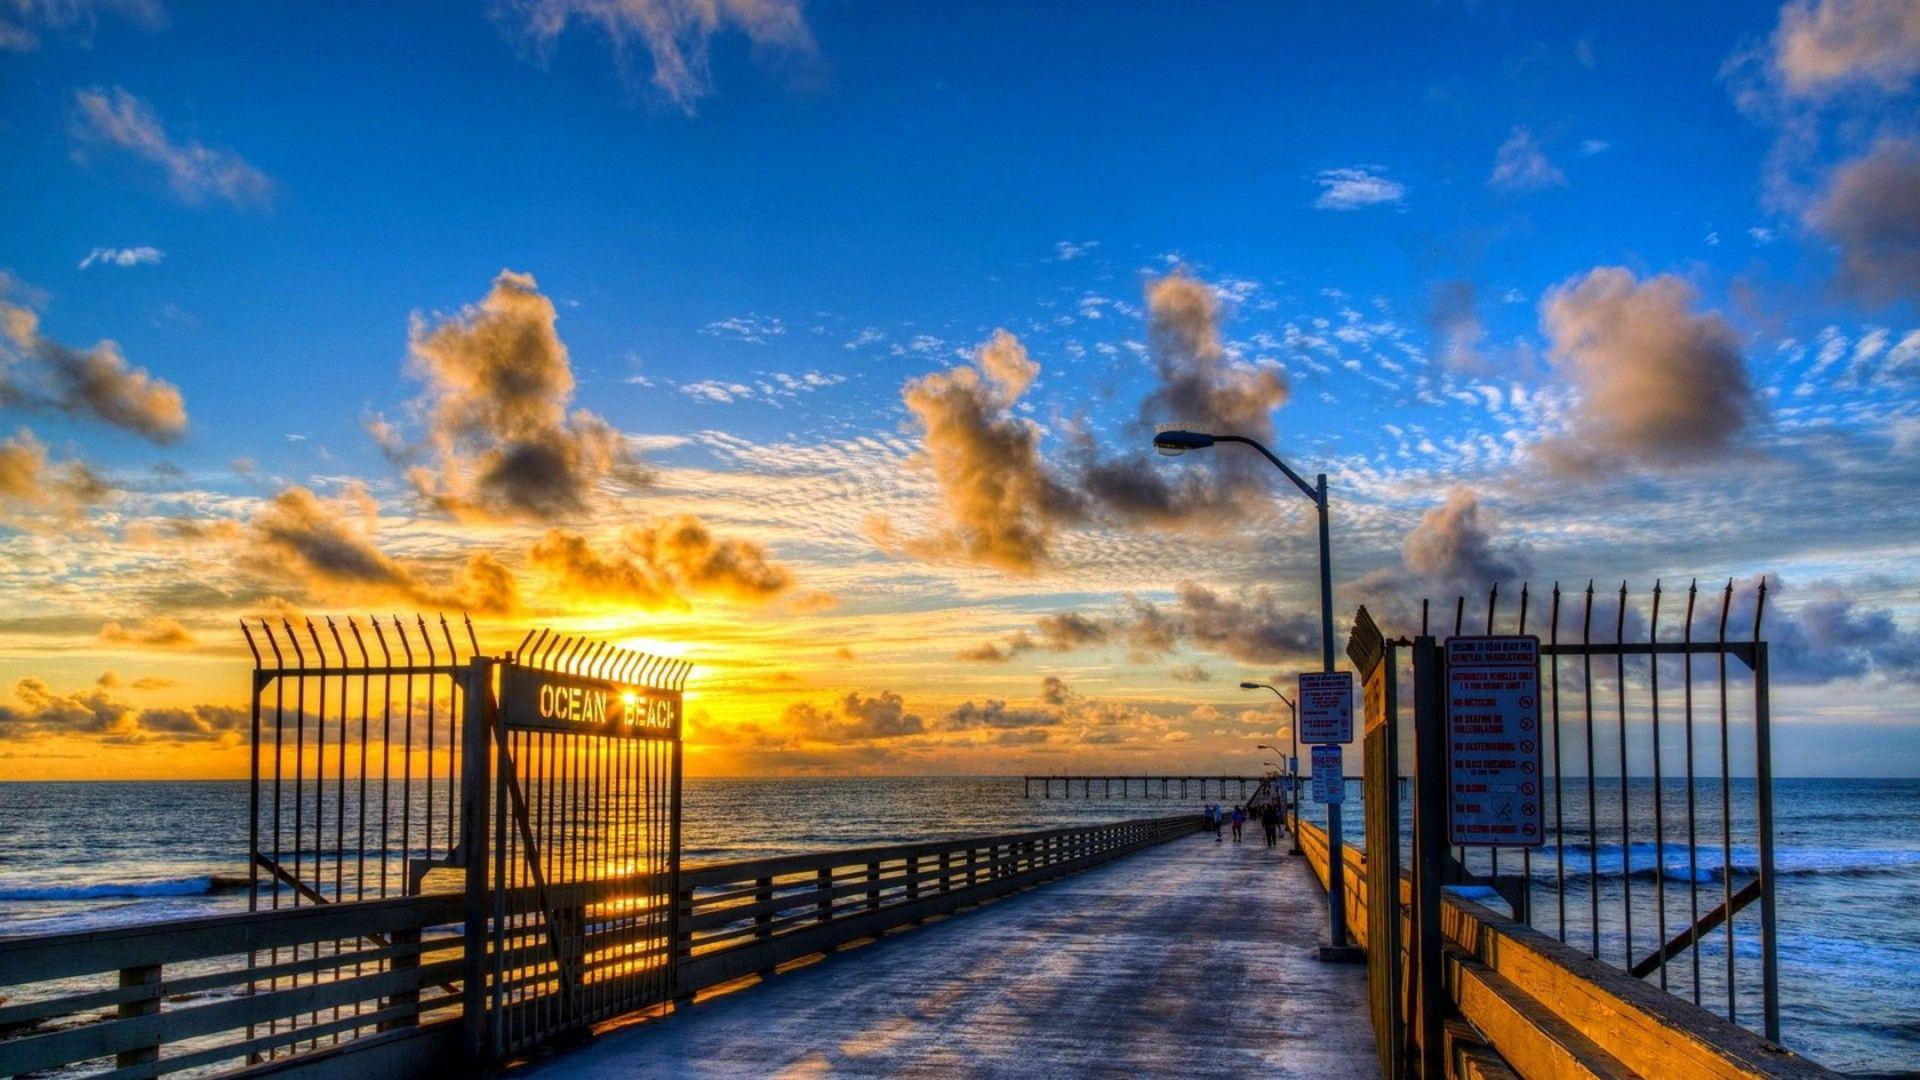 San Diego Beach Hd Wallpaper 4tr 1920x1080 Px 411 76 Kb Beach 1080p